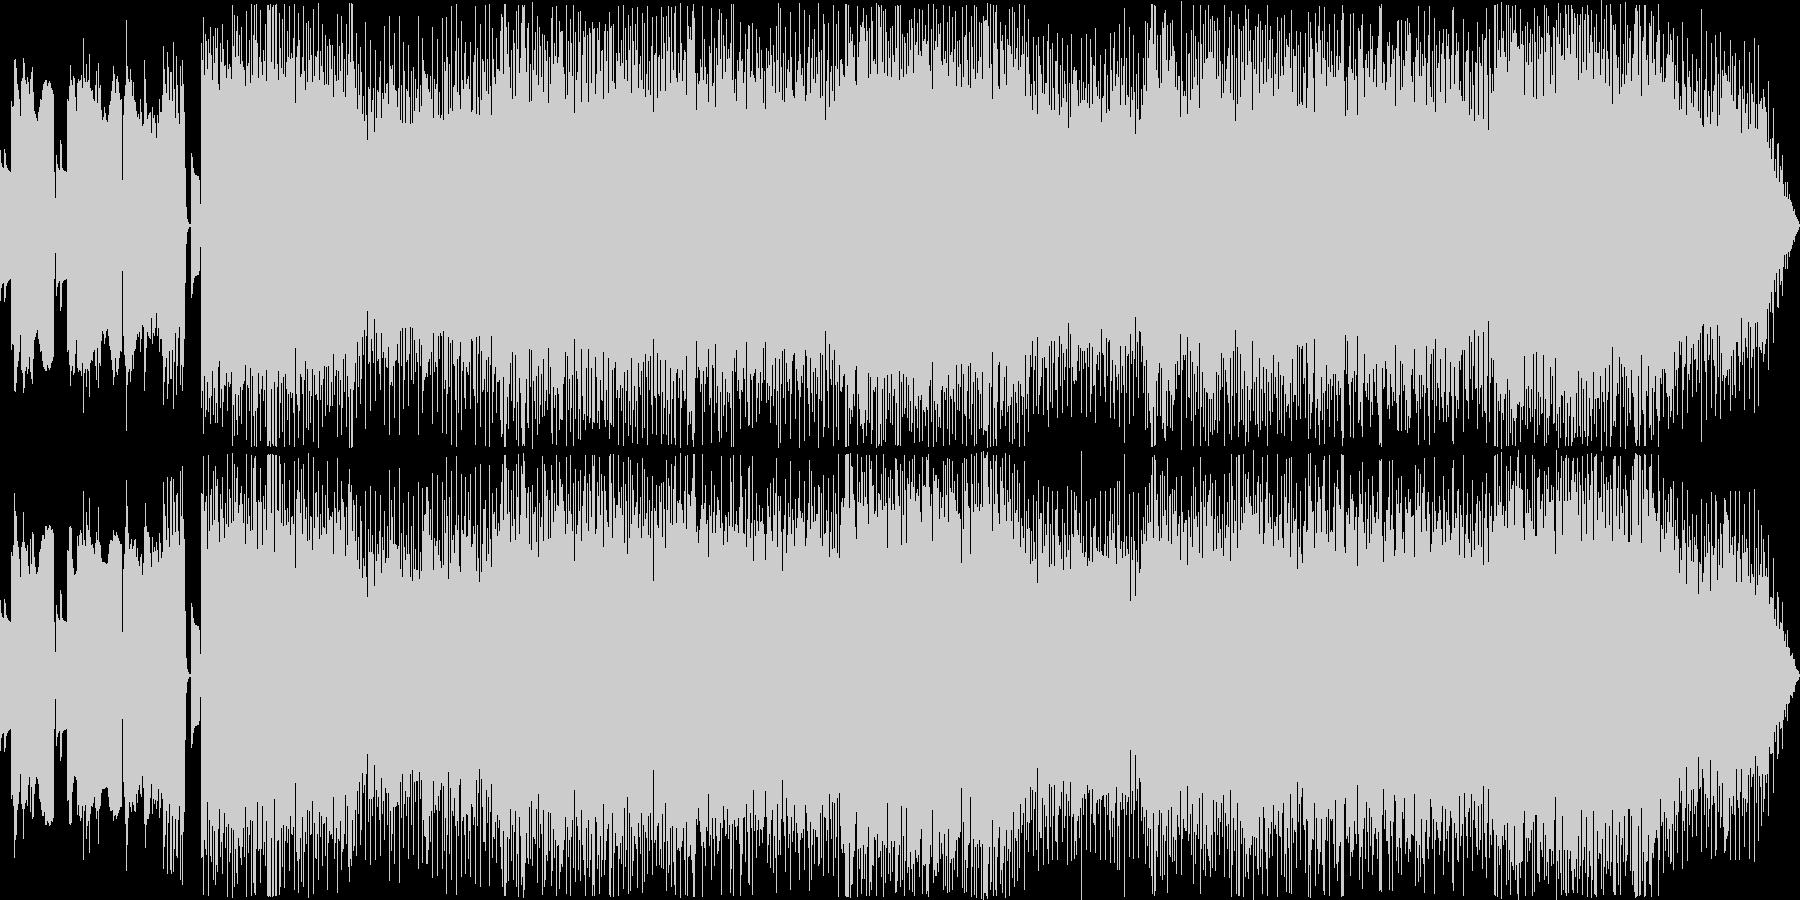 全て8bitなメタル系ボス戦用BGMの未再生の波形